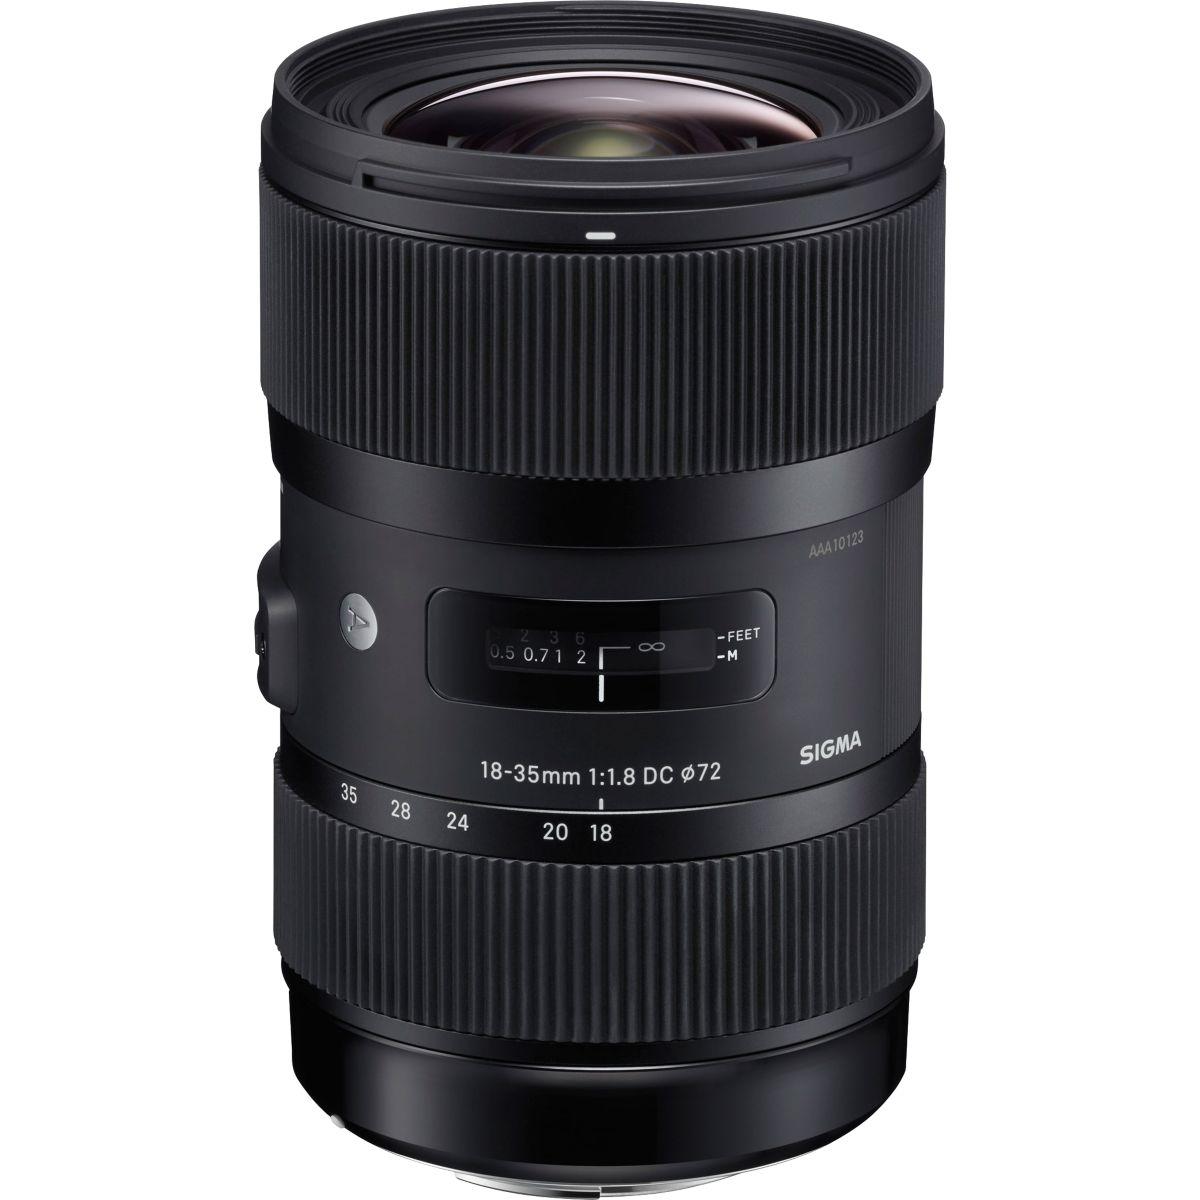 Objectif pour Reflex SIGMA 18-35mm f/1.8 DC HSM Art Nikon